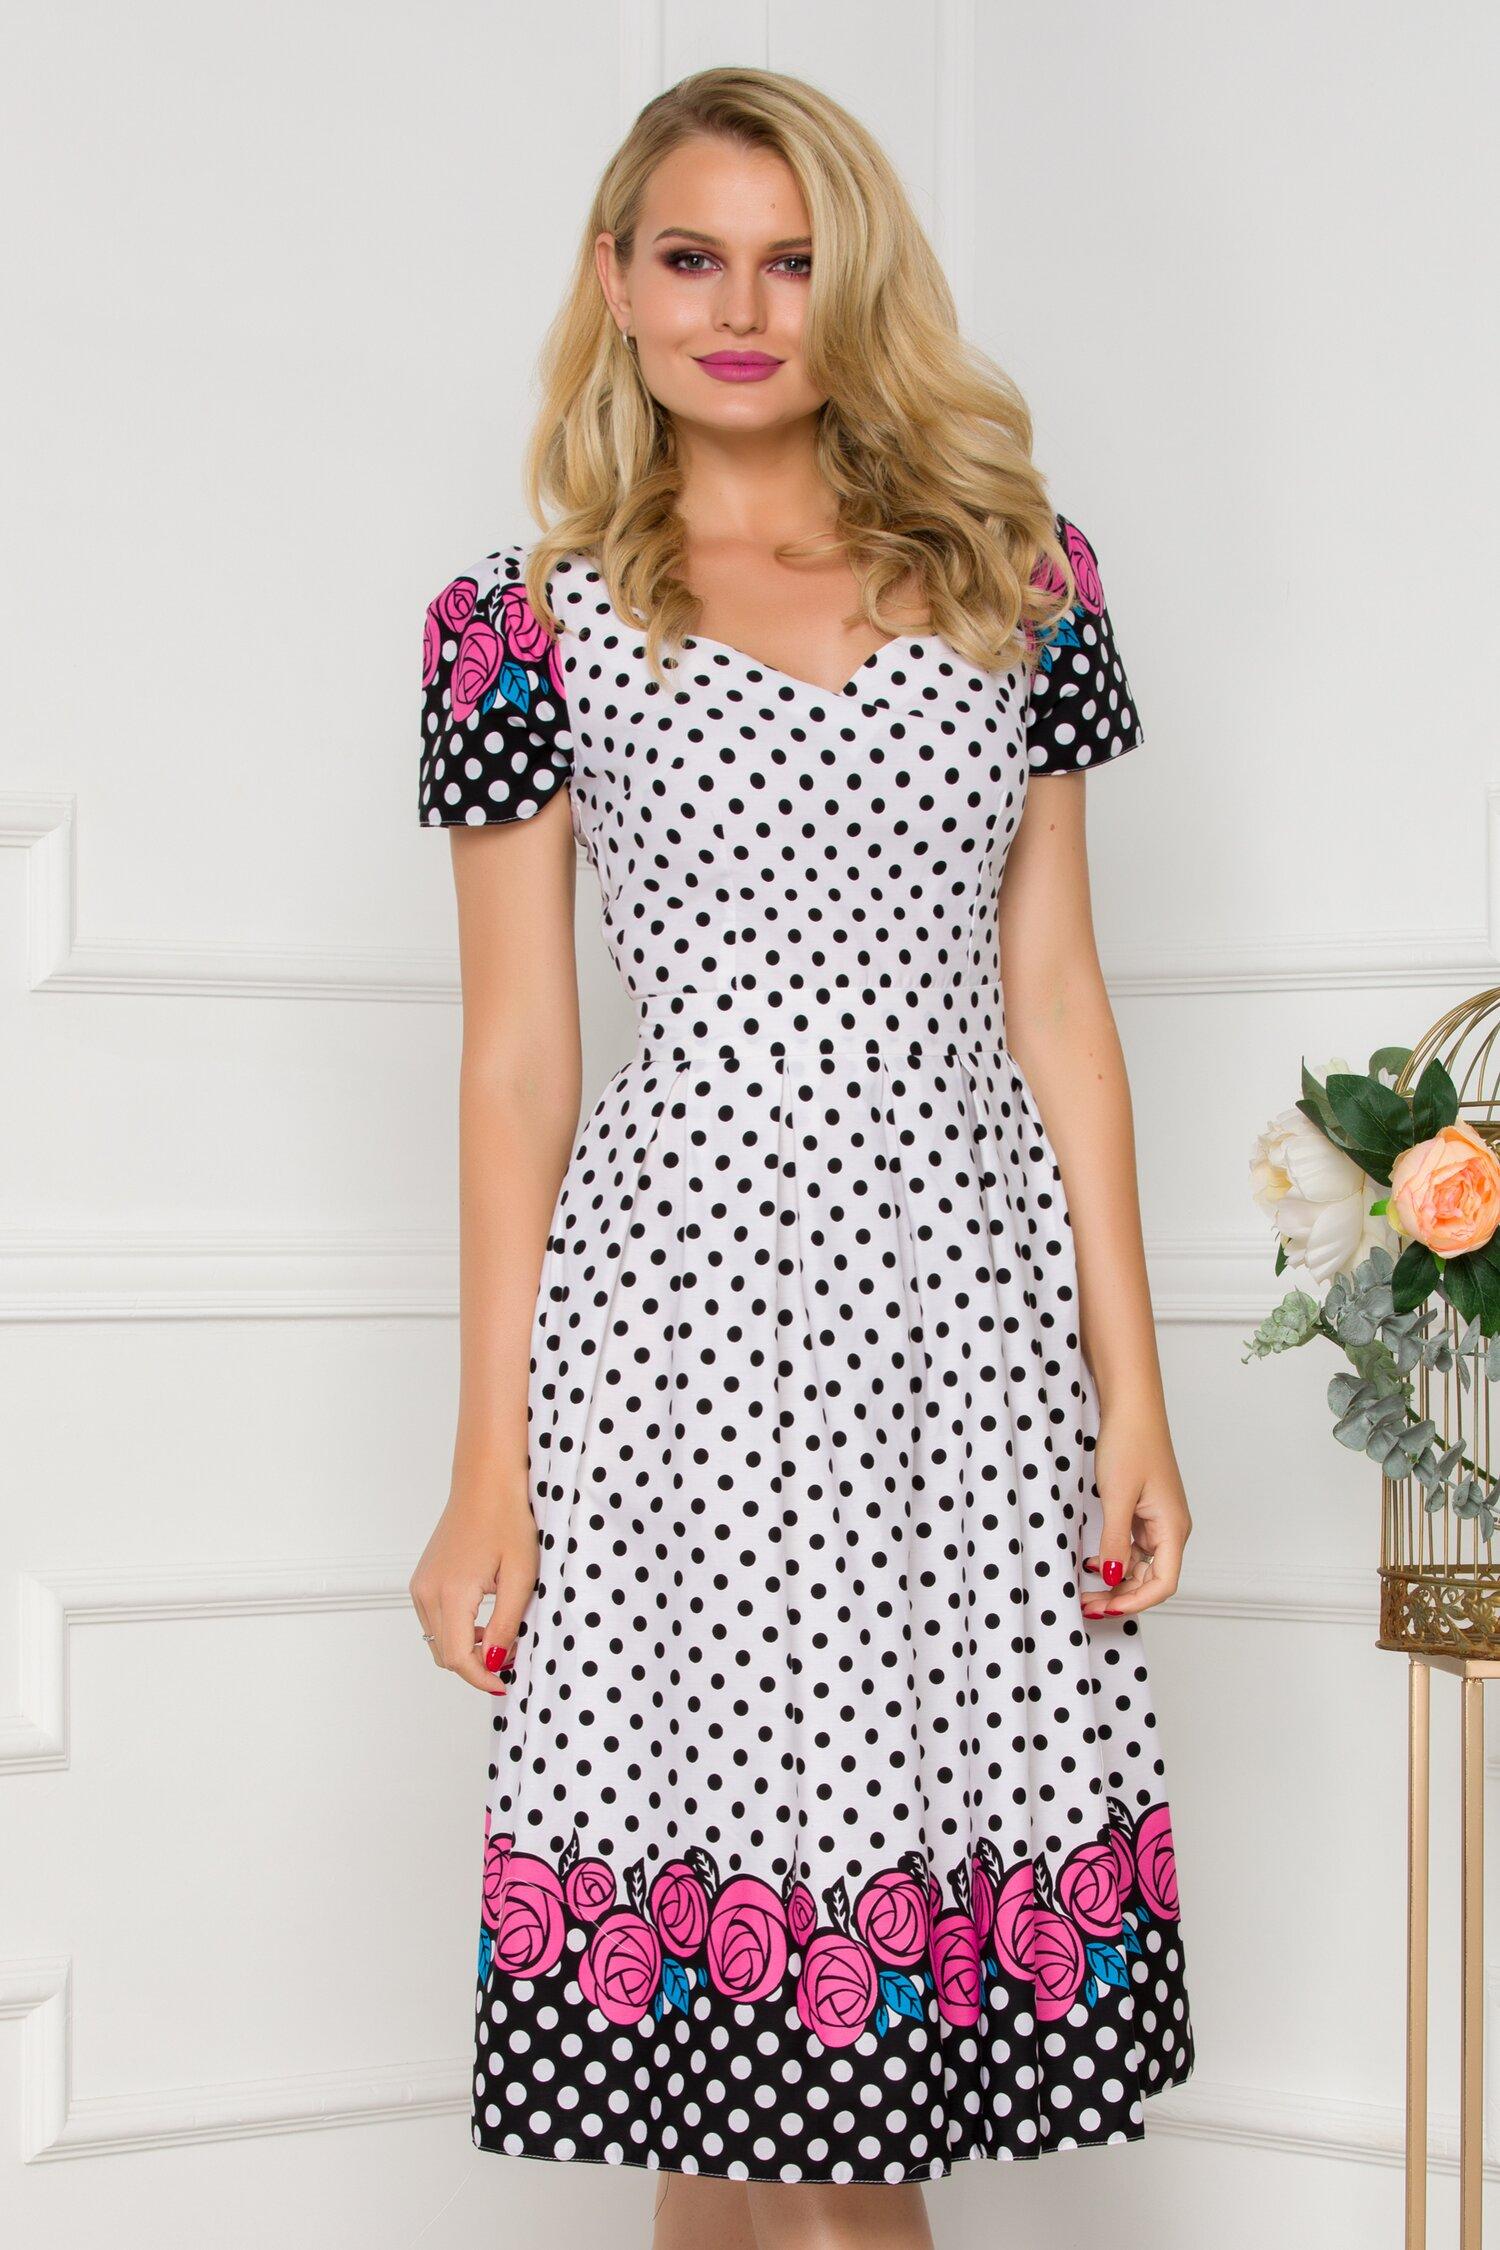 Rochie alba cu buline si imprimeu floral